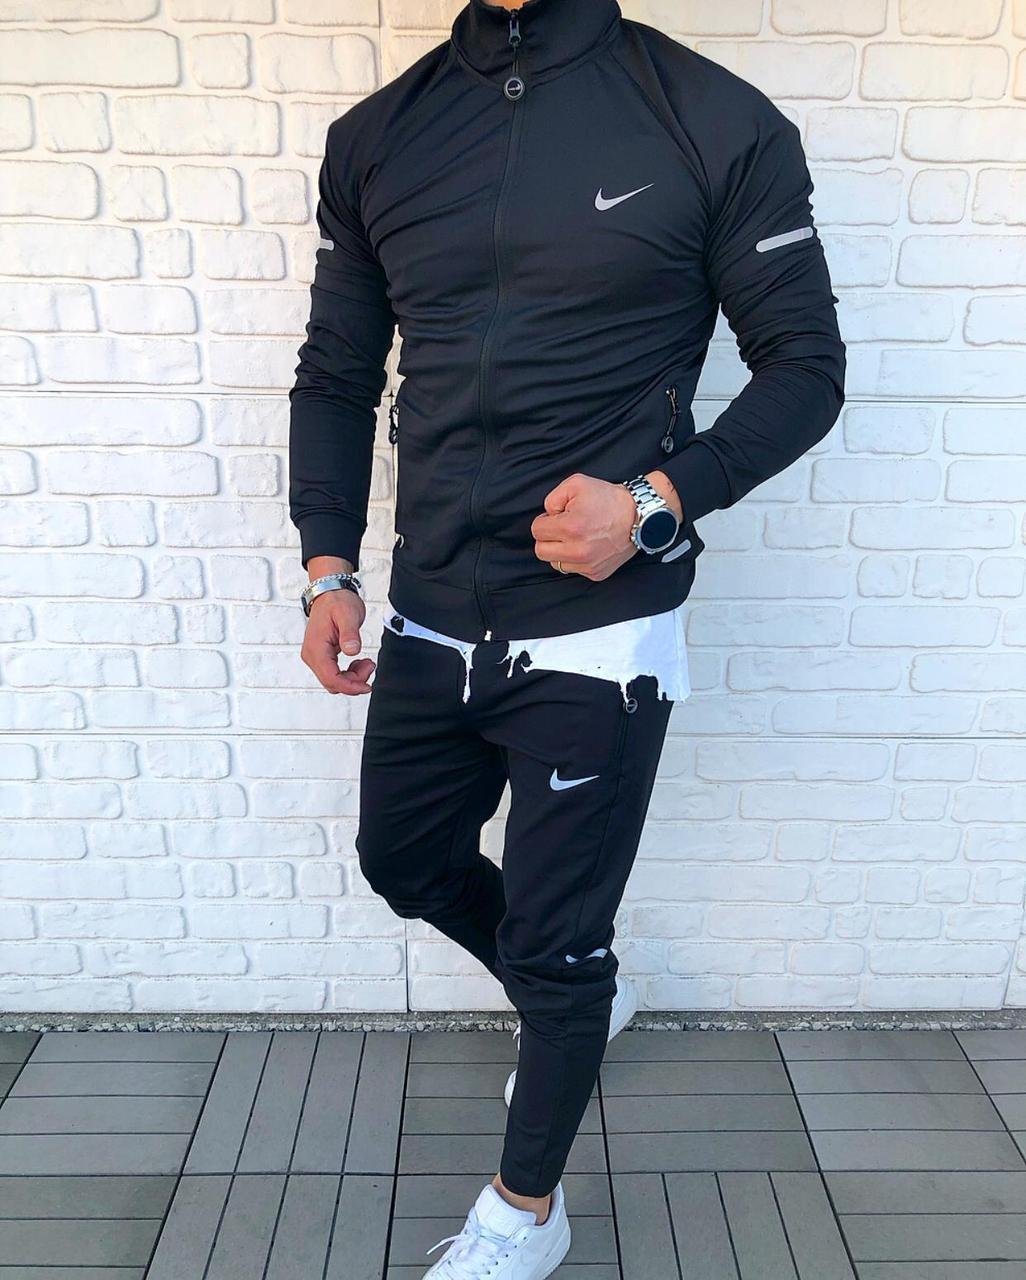 Спортивний костюм L, NIKE Classic чорний, Чоловічий, Поліестер, Нове